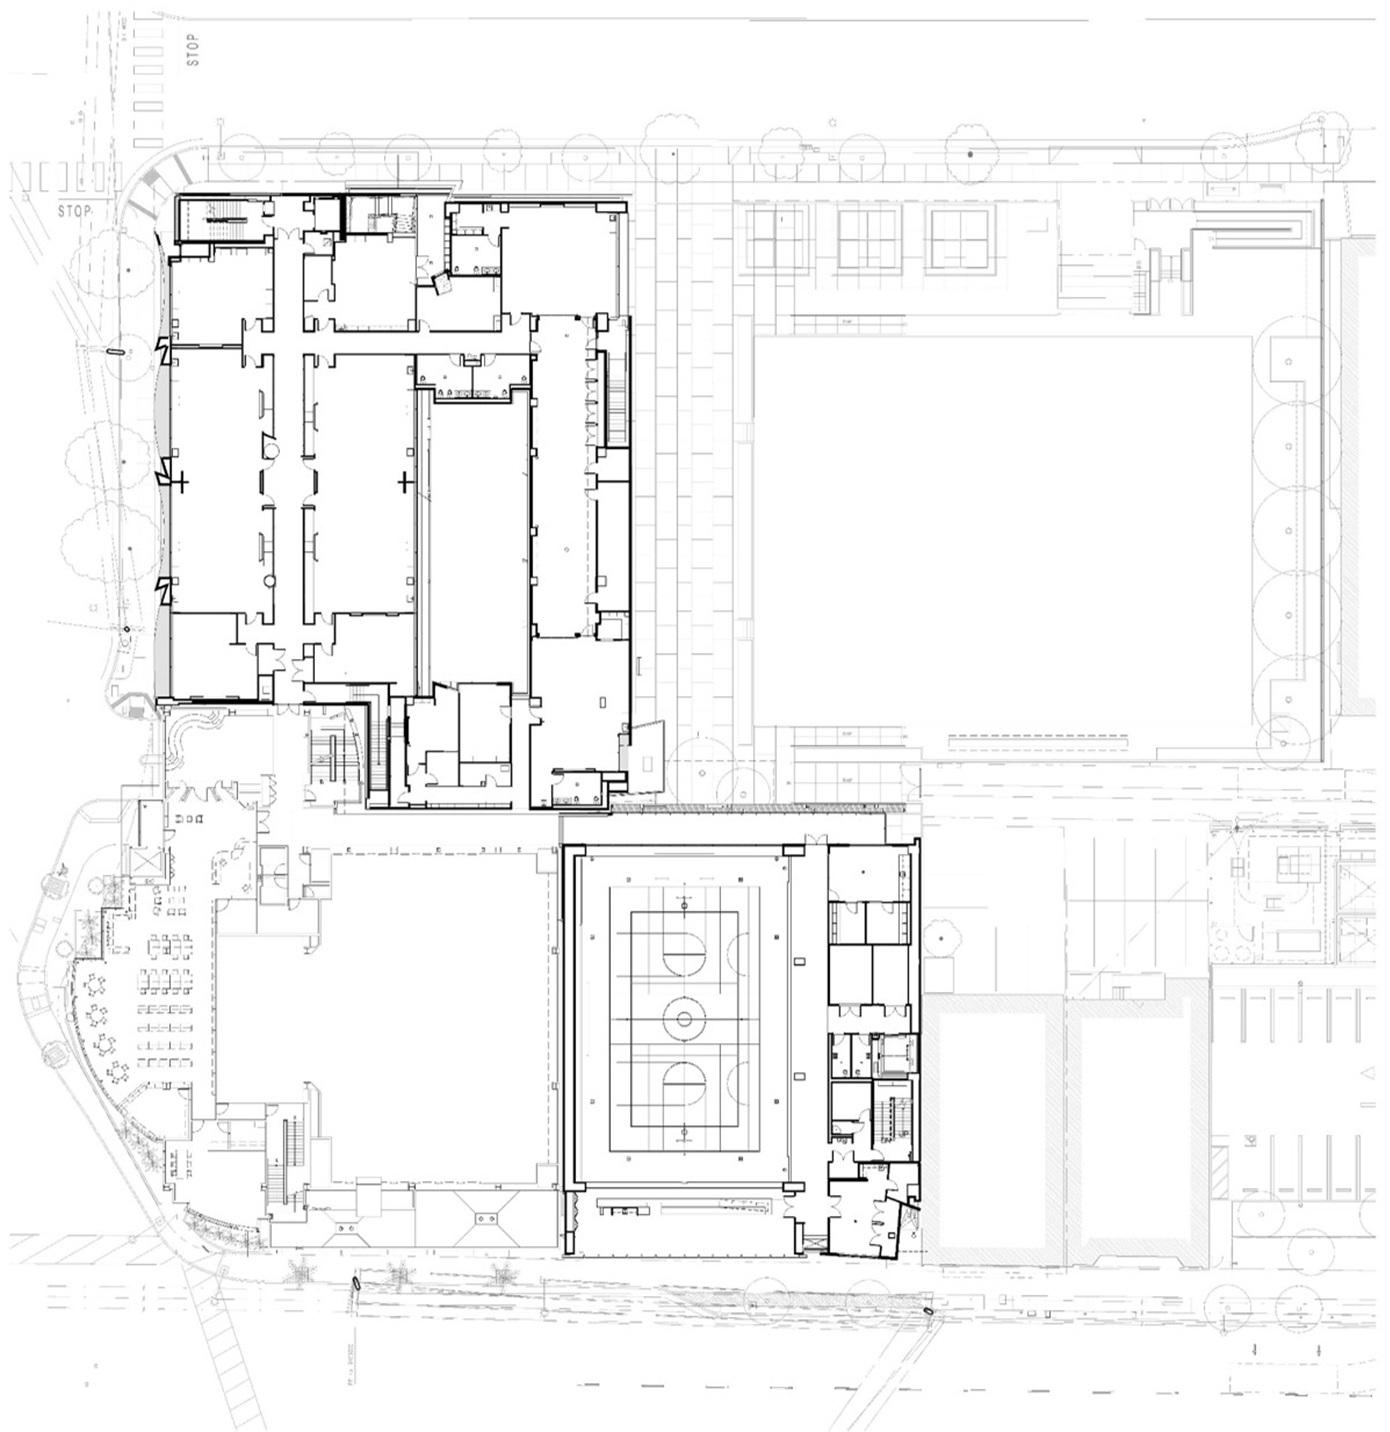 LOS ANGELES AREA SCHOOL Site plan